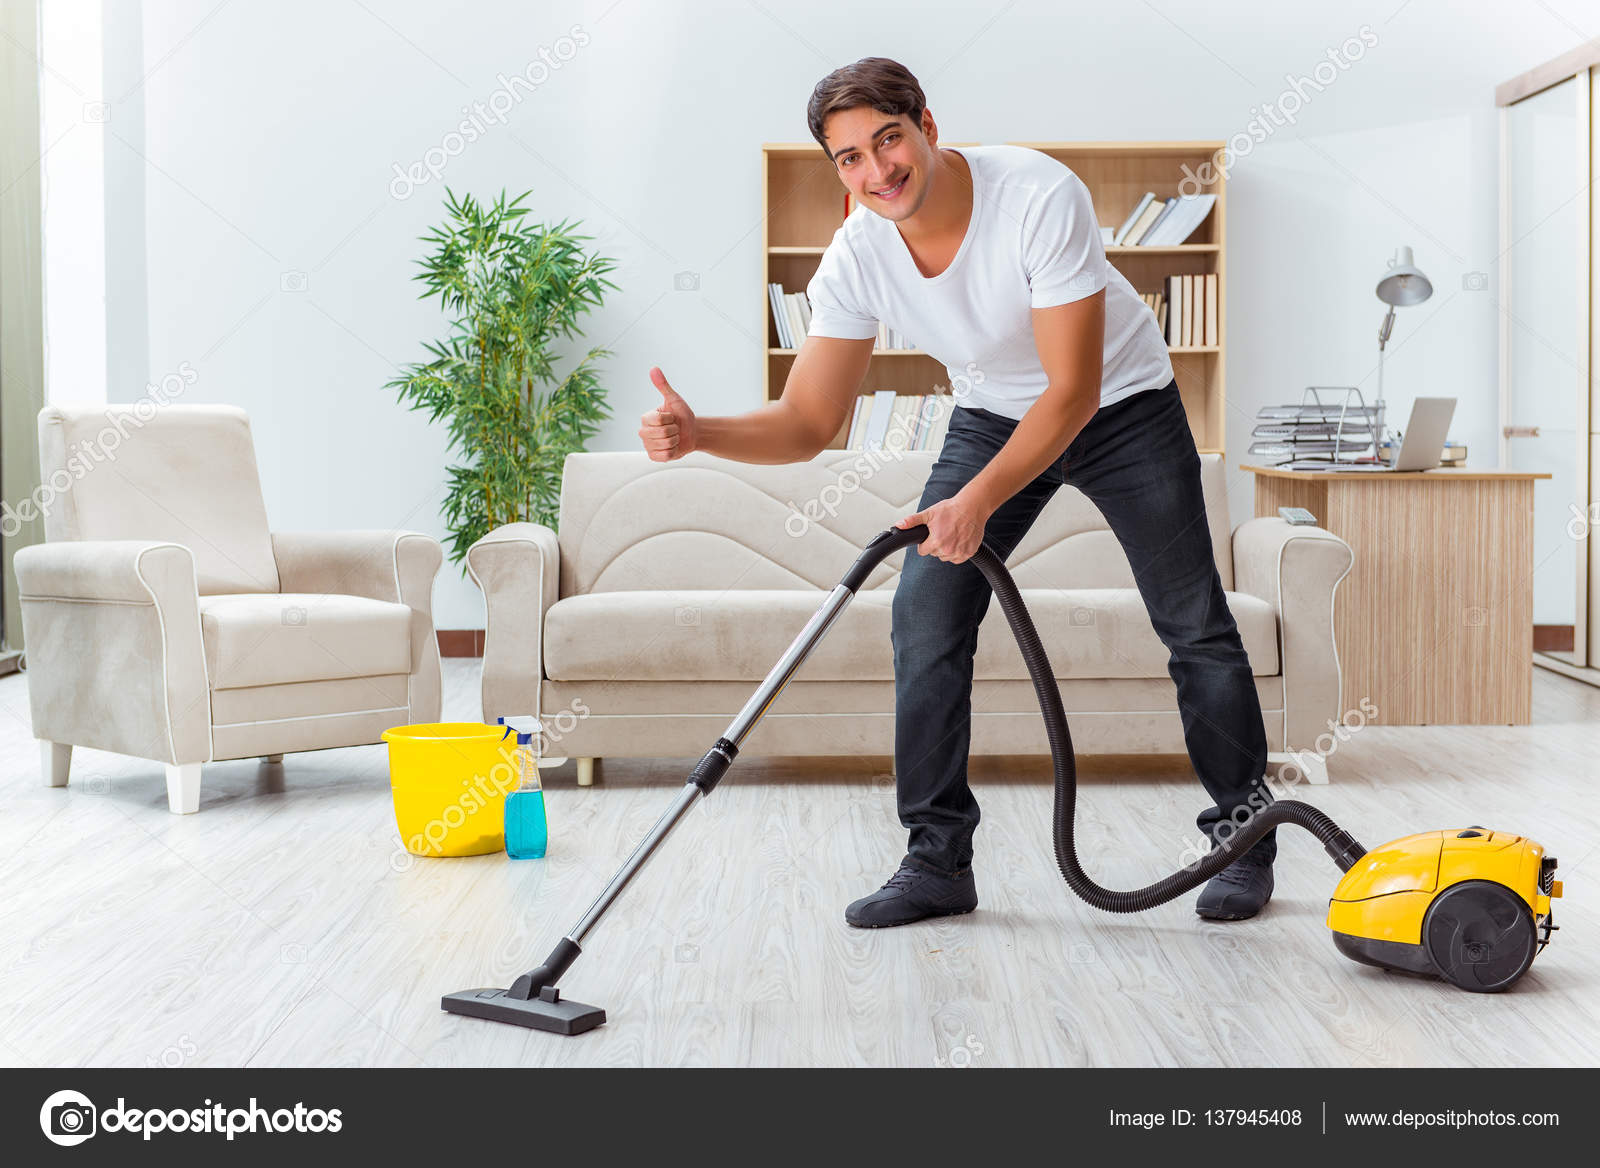 Casa de limpieza cool ocho productos de limpieza que for House cleaning stock photos